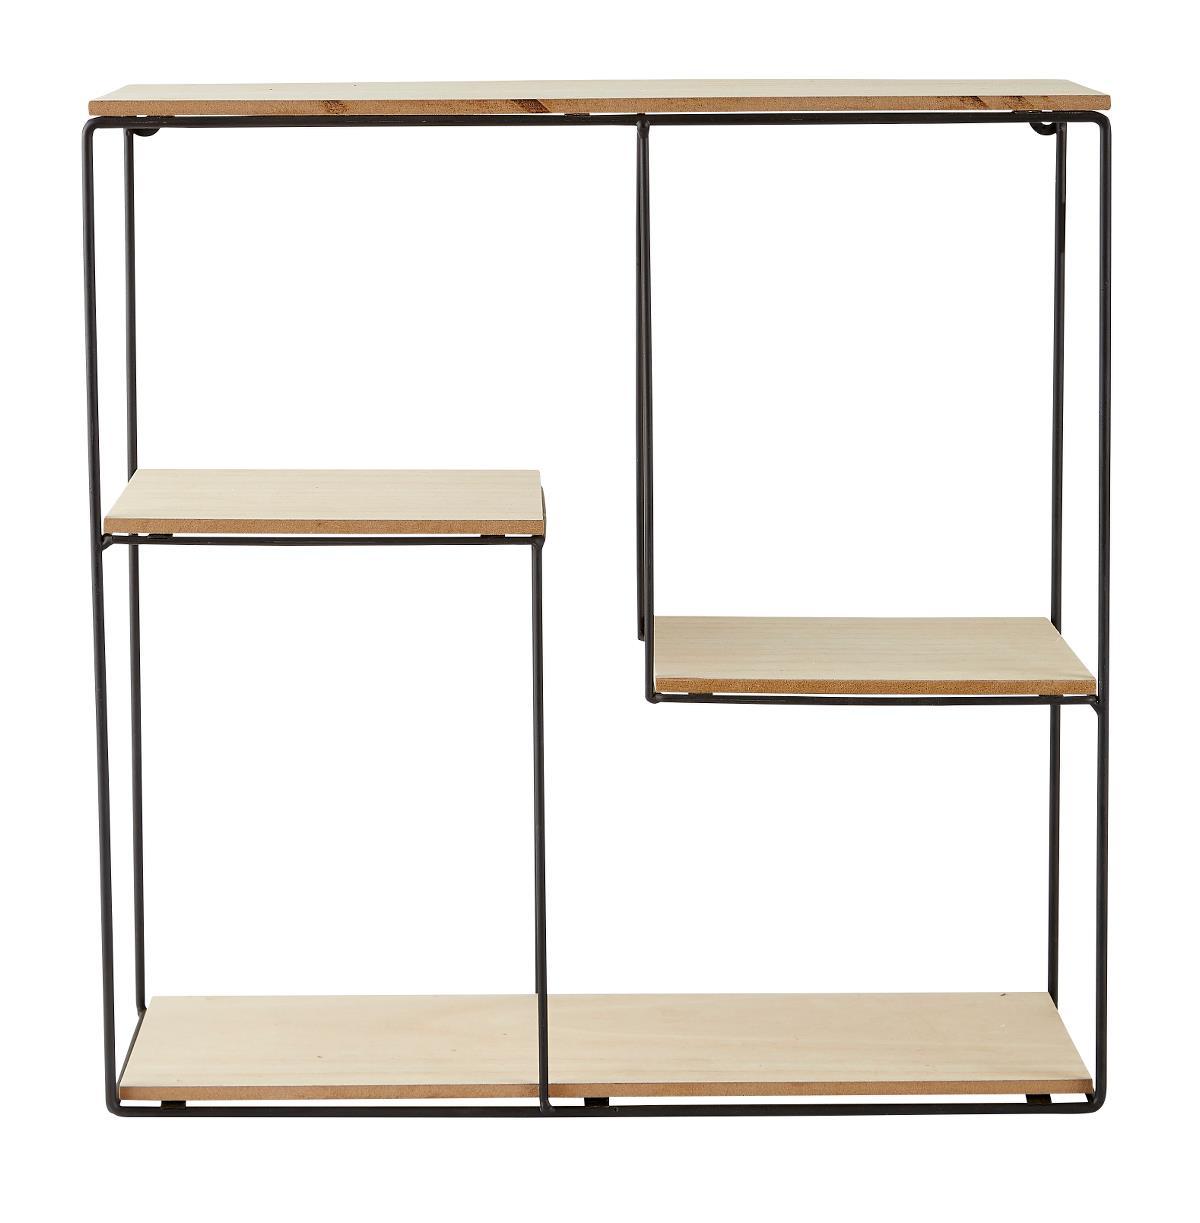 Danisches Design Wandregal Aus Mdf Holz Und Metall Quadratisch